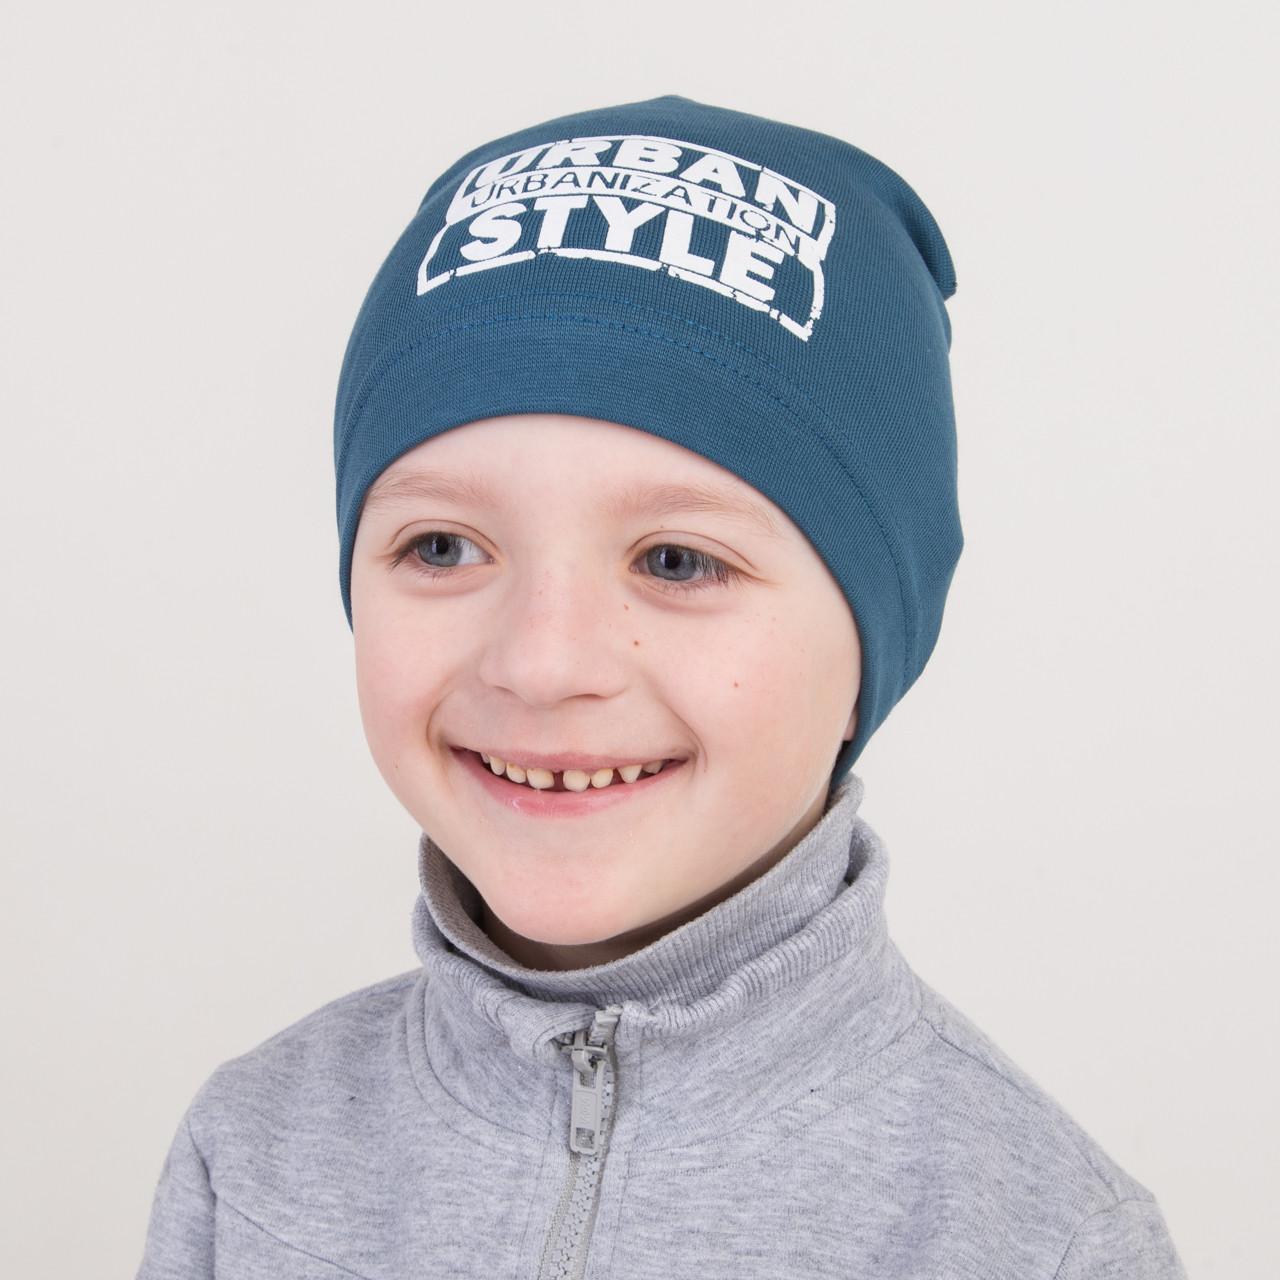 Хлопковая шапка на весну для мальчика оптом - Артикул 2263